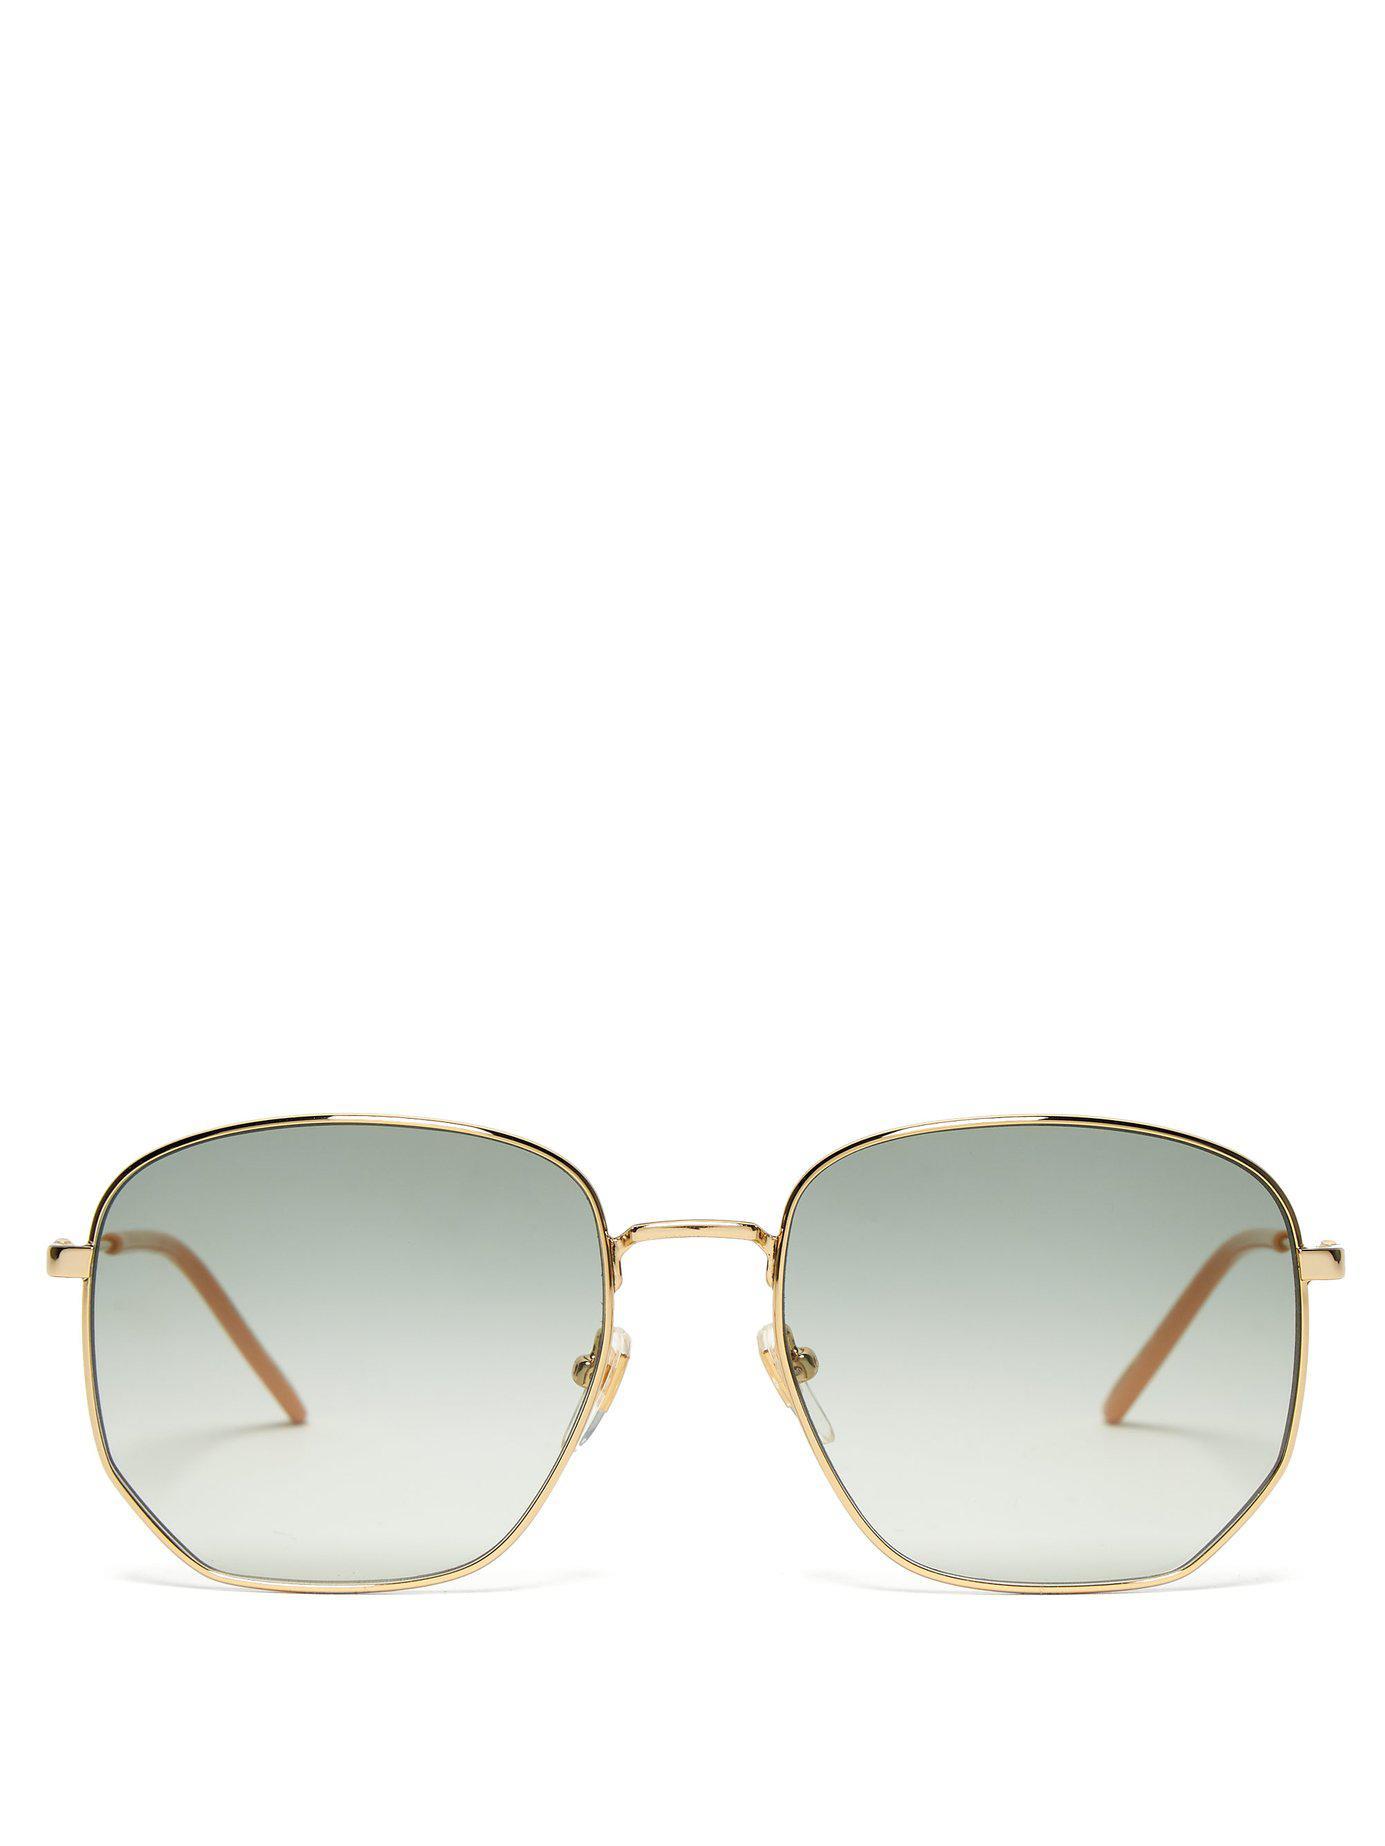 5aa488d9e27 Gucci - Multicolor Gg Metal Frame Sunglasses - Lyst